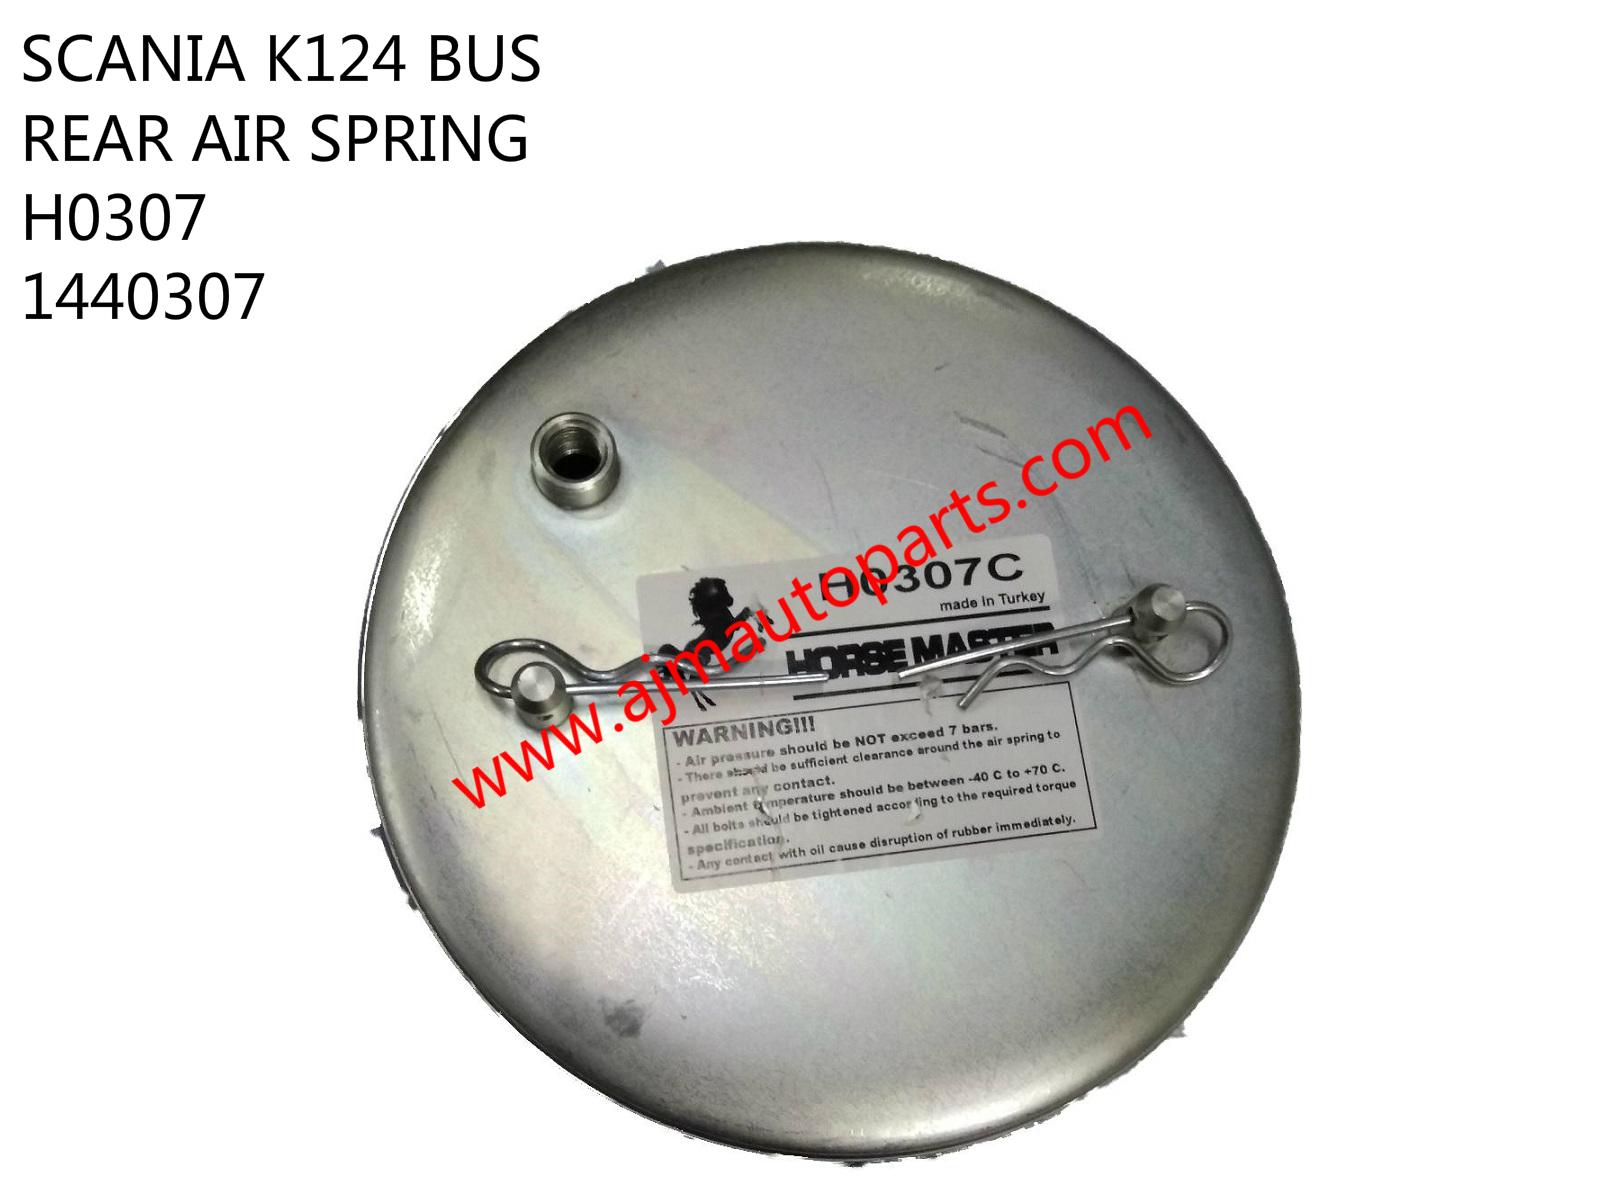 SCANIA K124 BUS REAR AIR SPRING-H0307 1440307